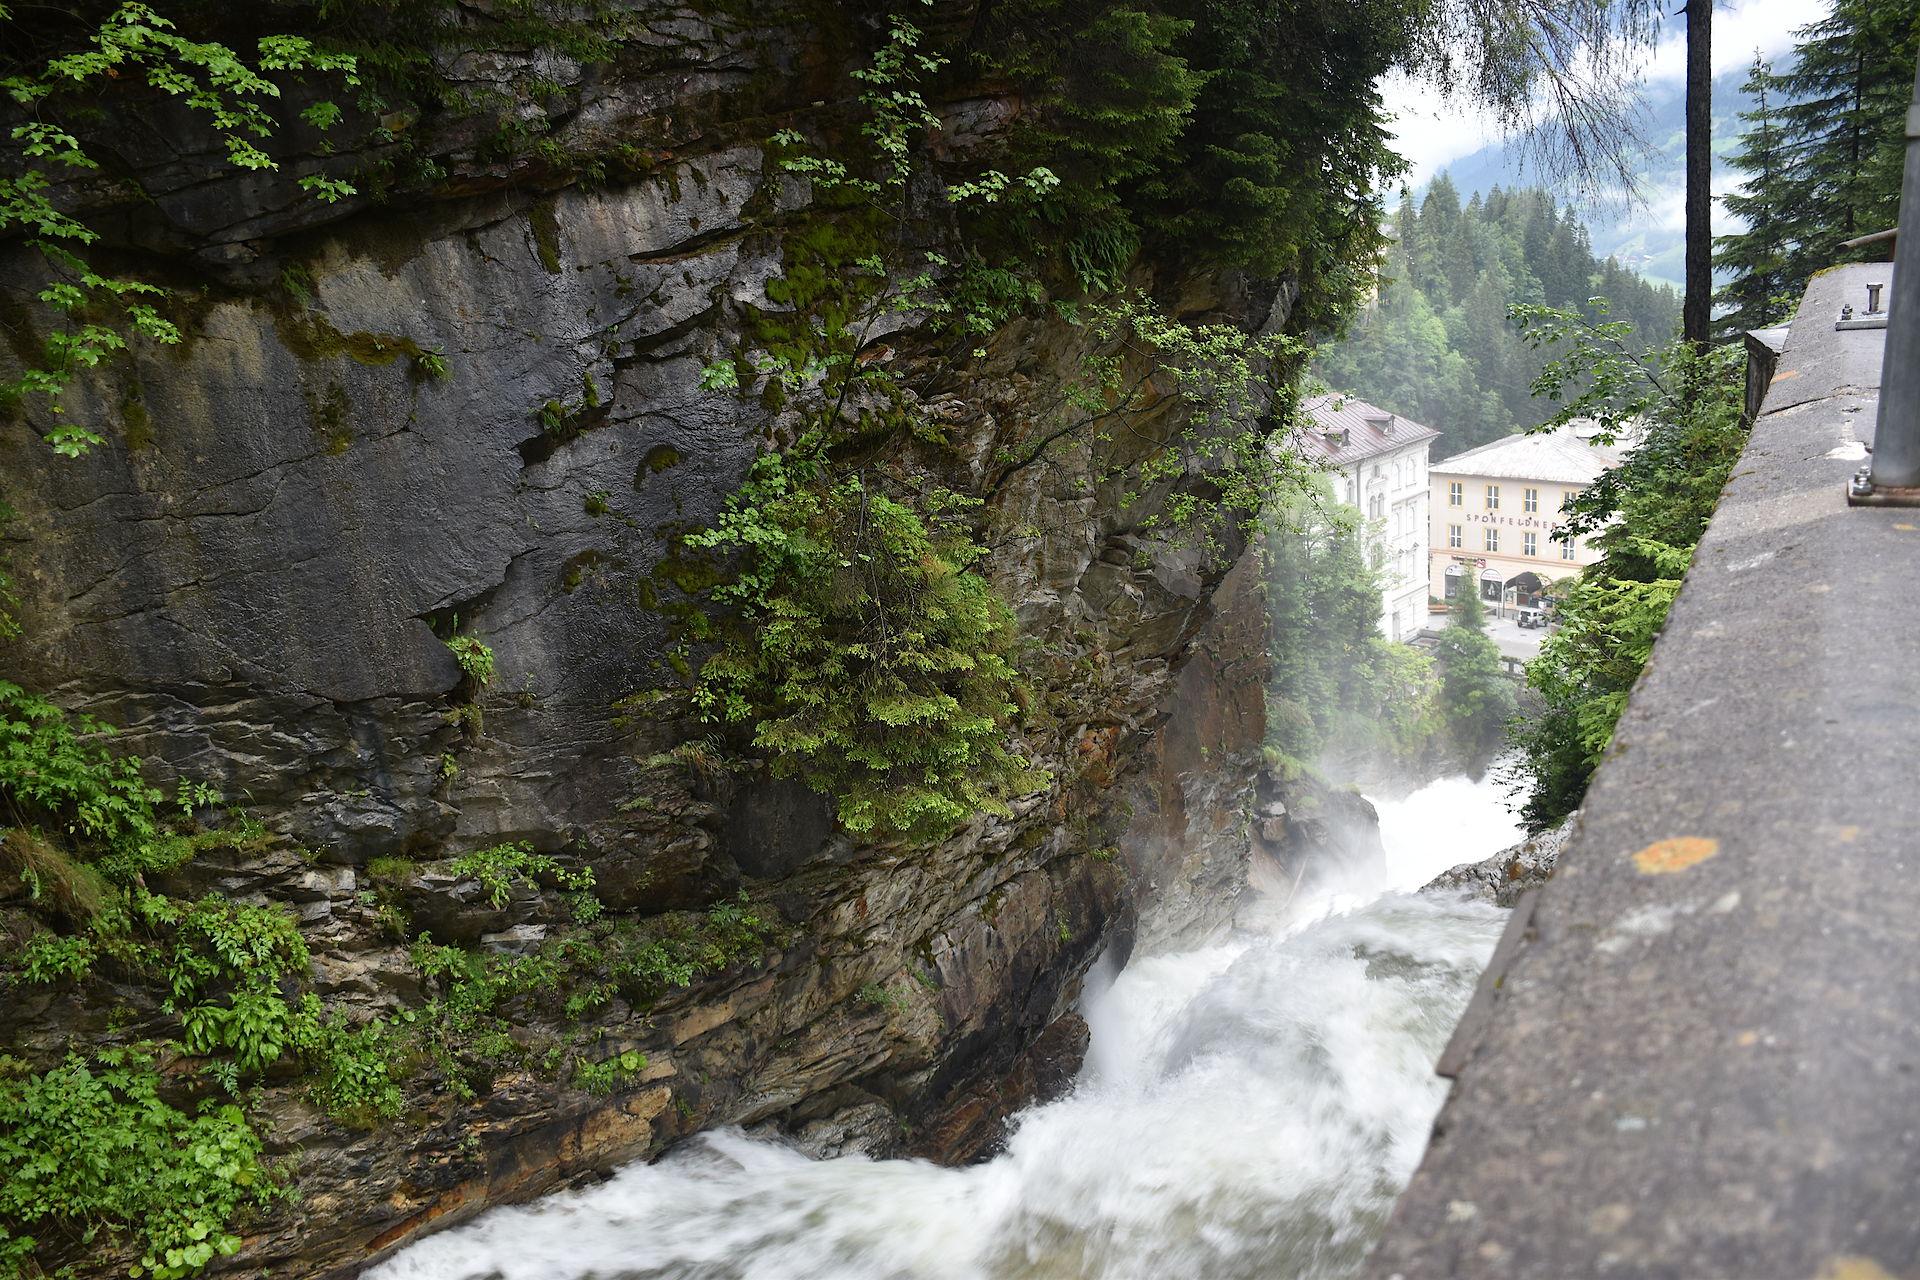 Wasserfall mitten im Ort